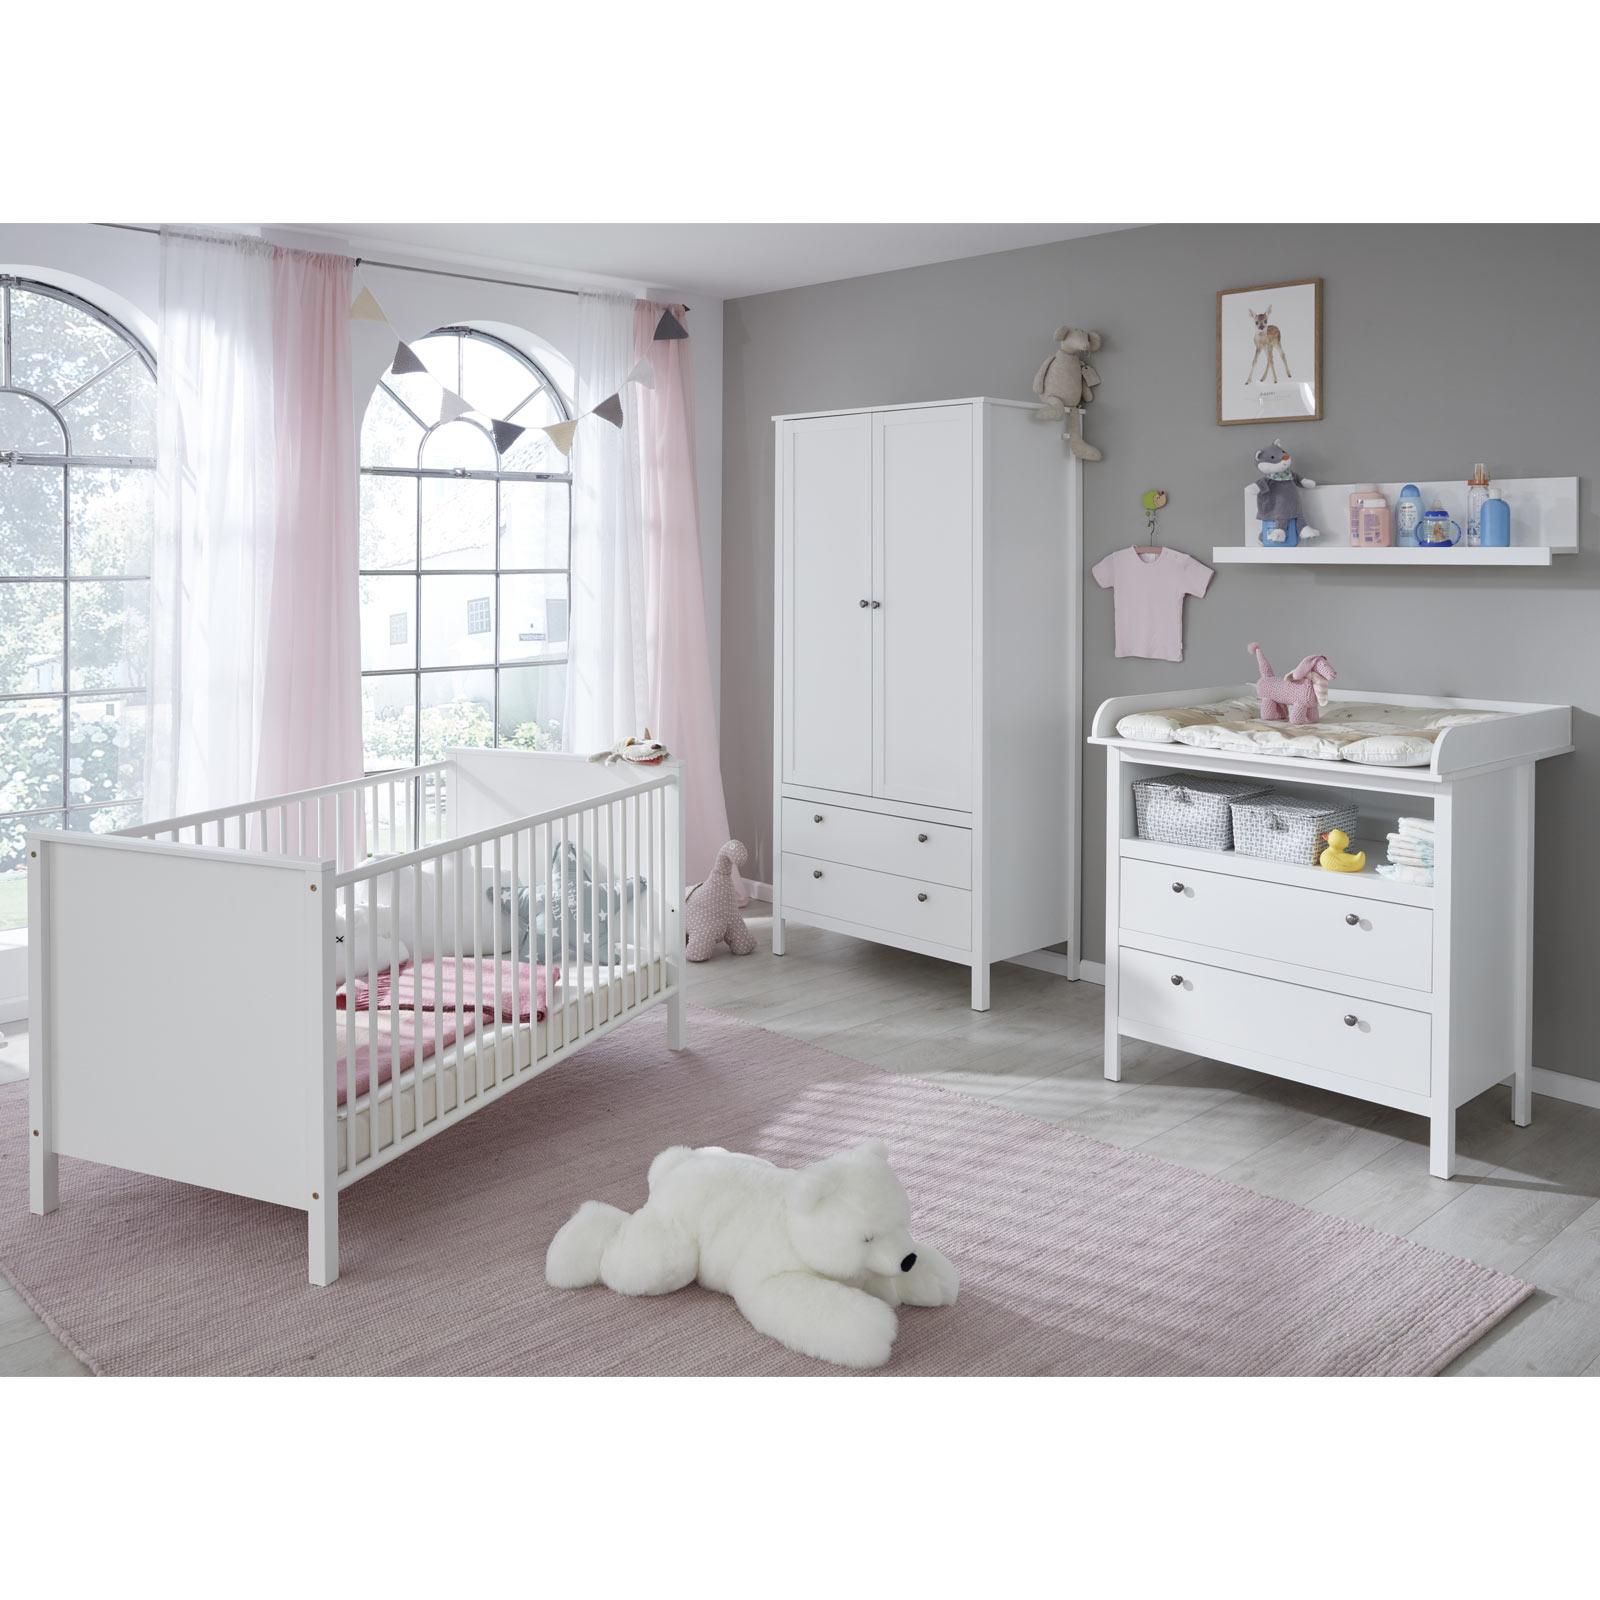 4 Teiliges Babyzimmer Set Weiss Online Bei Roller Kaufen